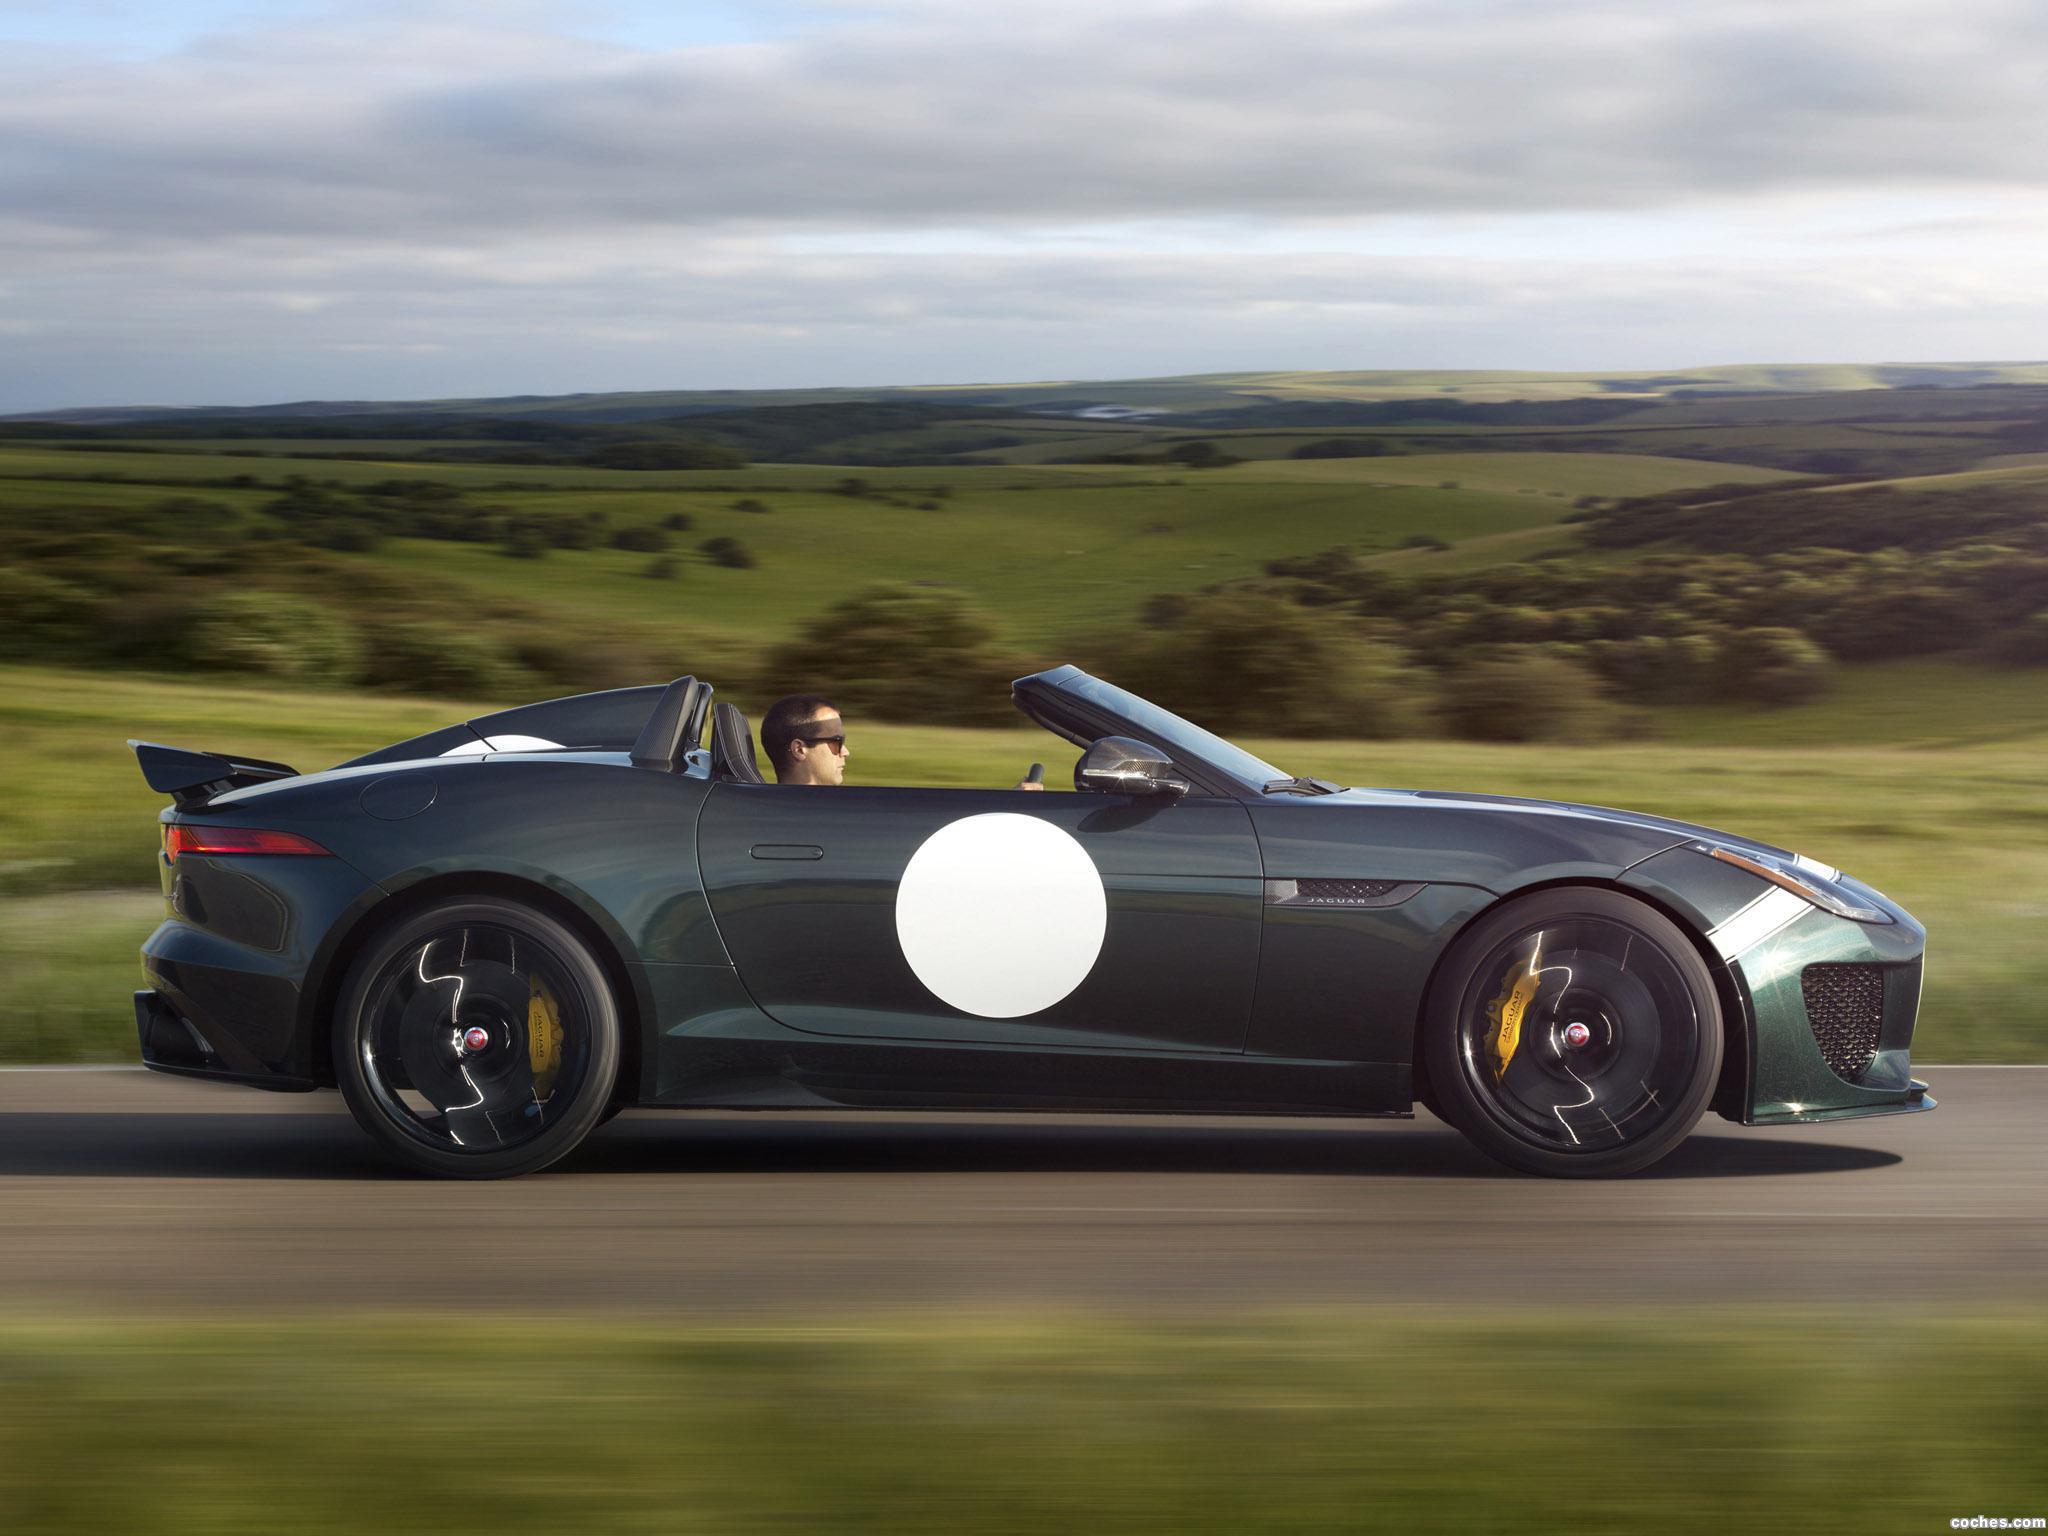 Foto 1 de Jaguar F-Type Project 7 2014